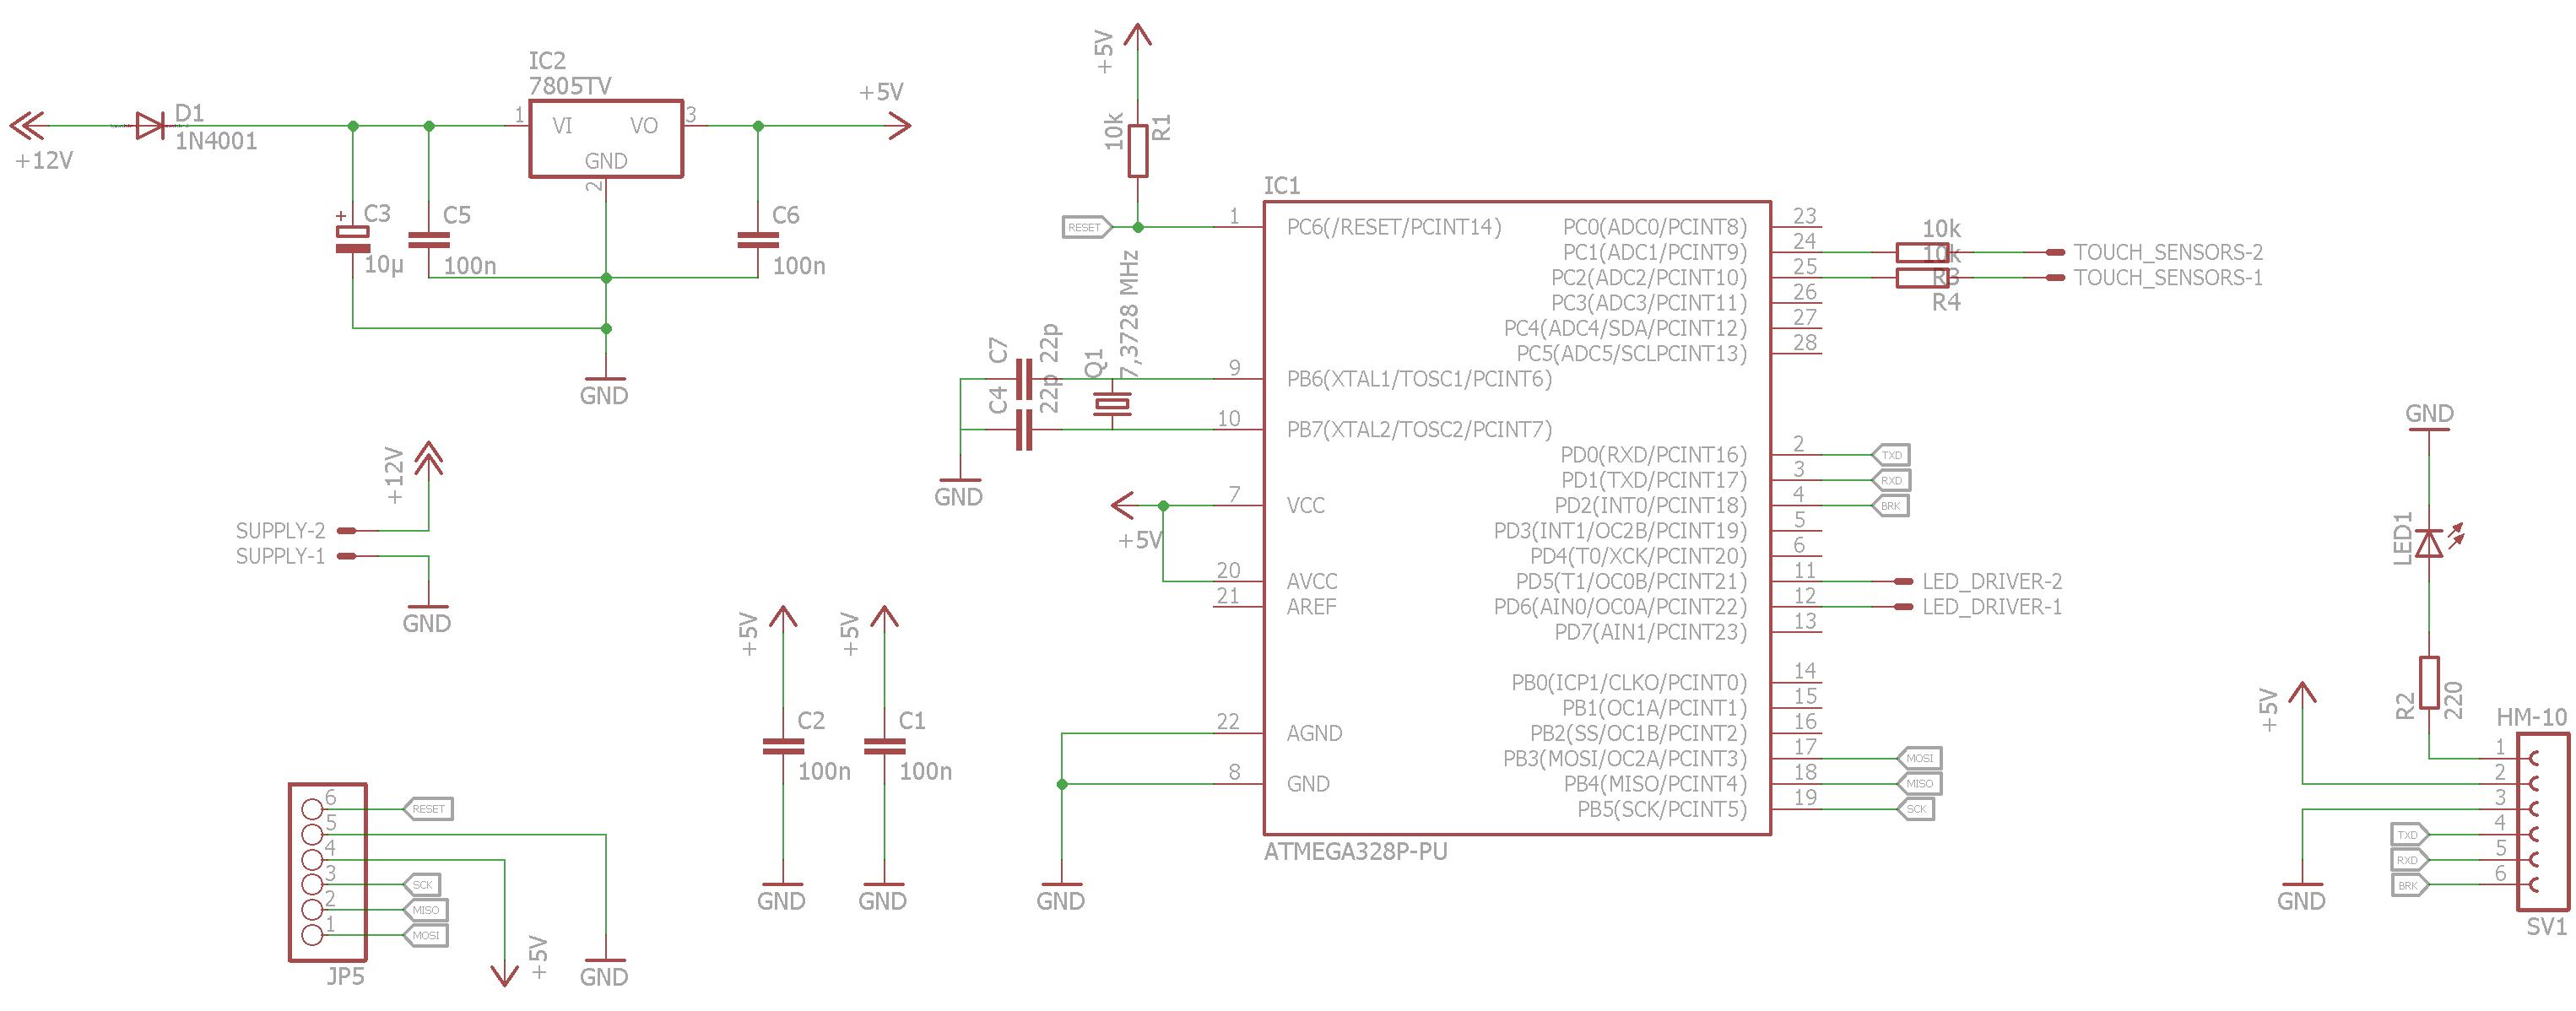 Nachttischlampe mit AVR, High-Power-LED - Schaltplan grobe Fehler ...